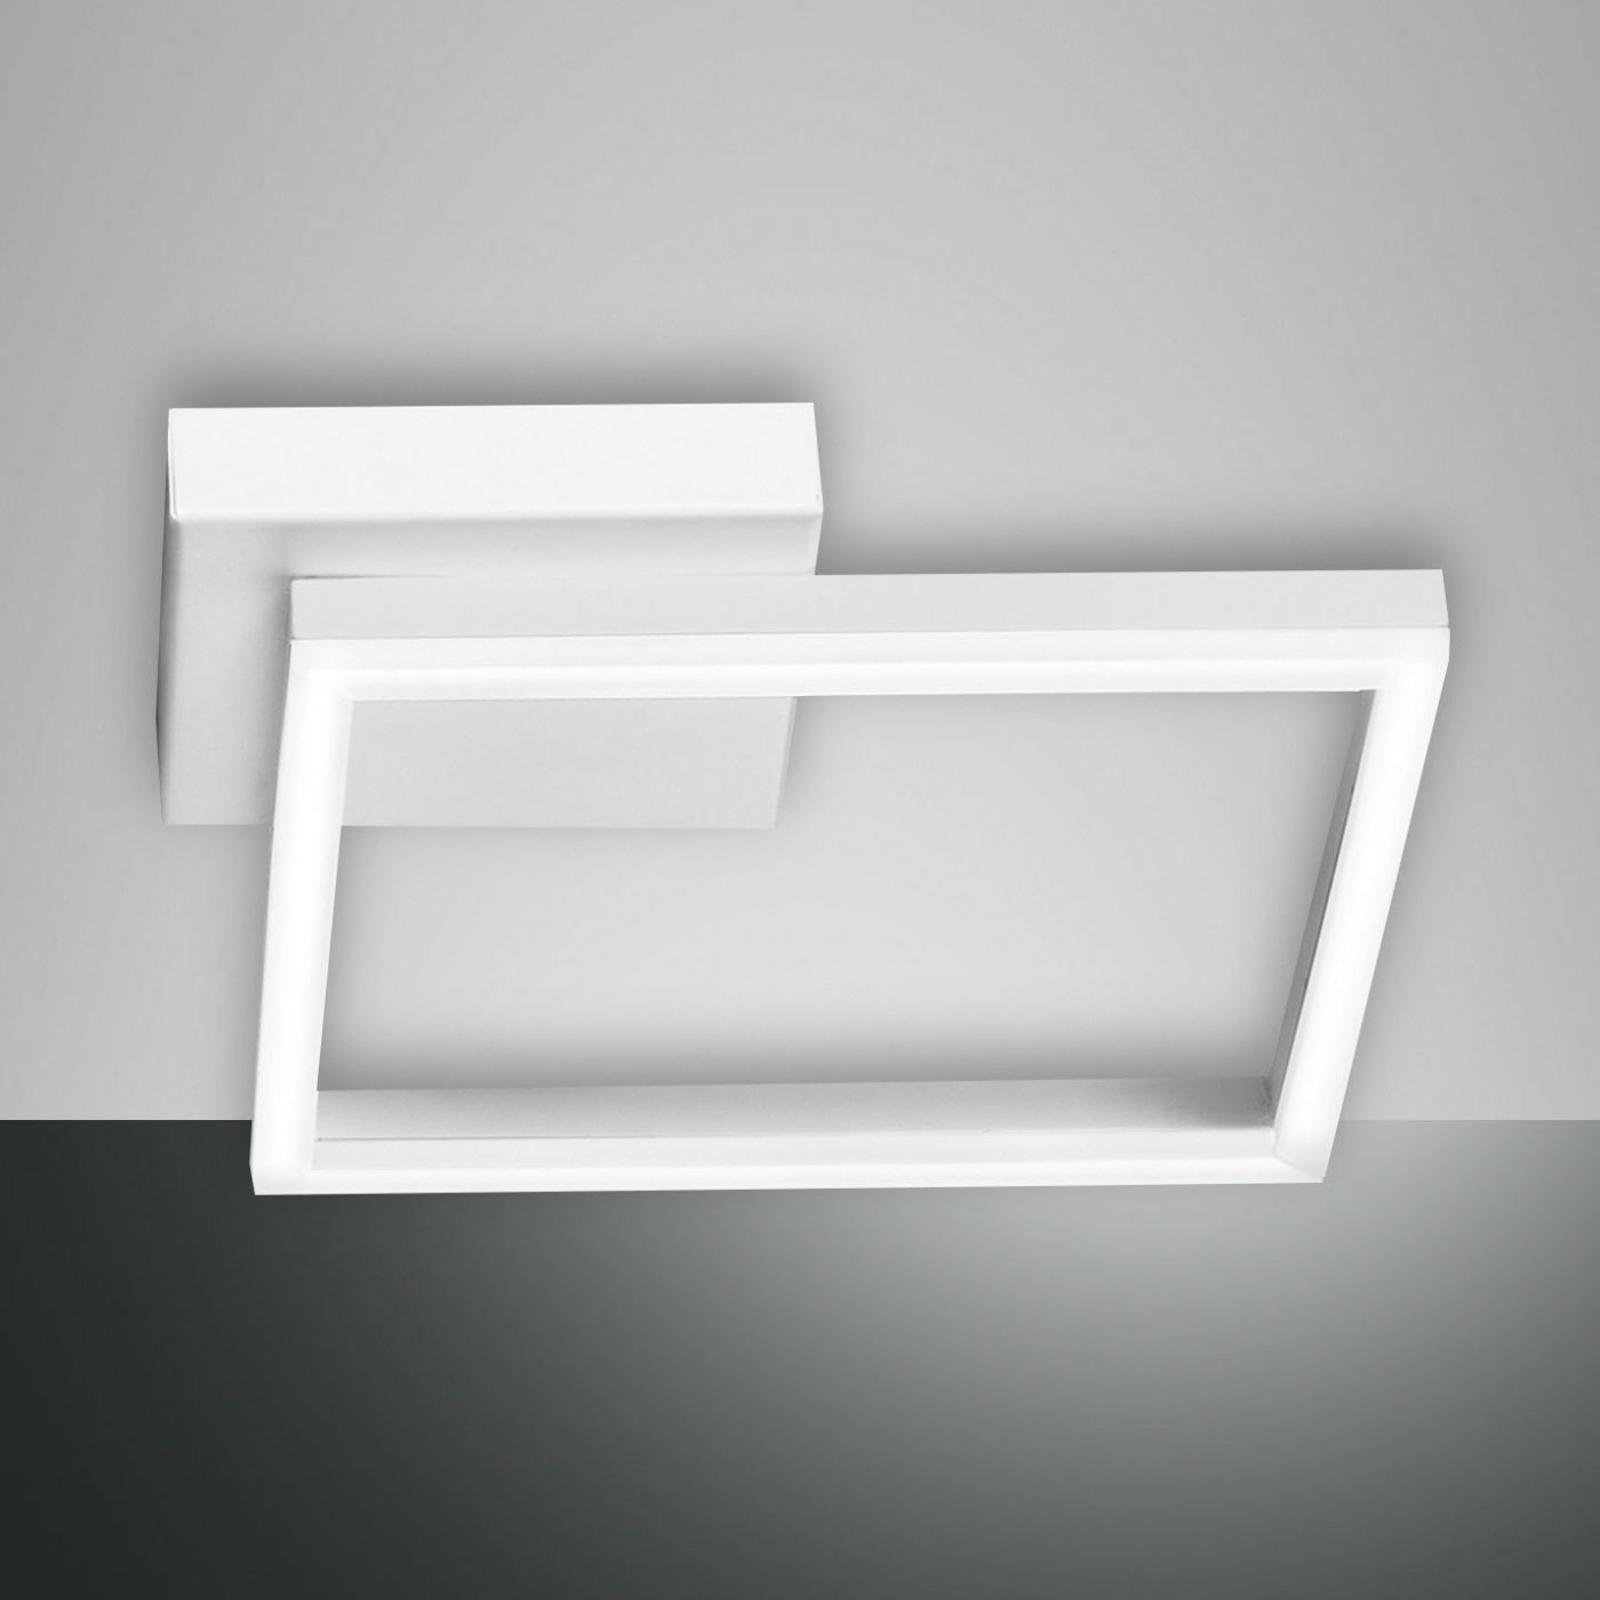 Plafonnier LED Bard, 27x27cm, blanc